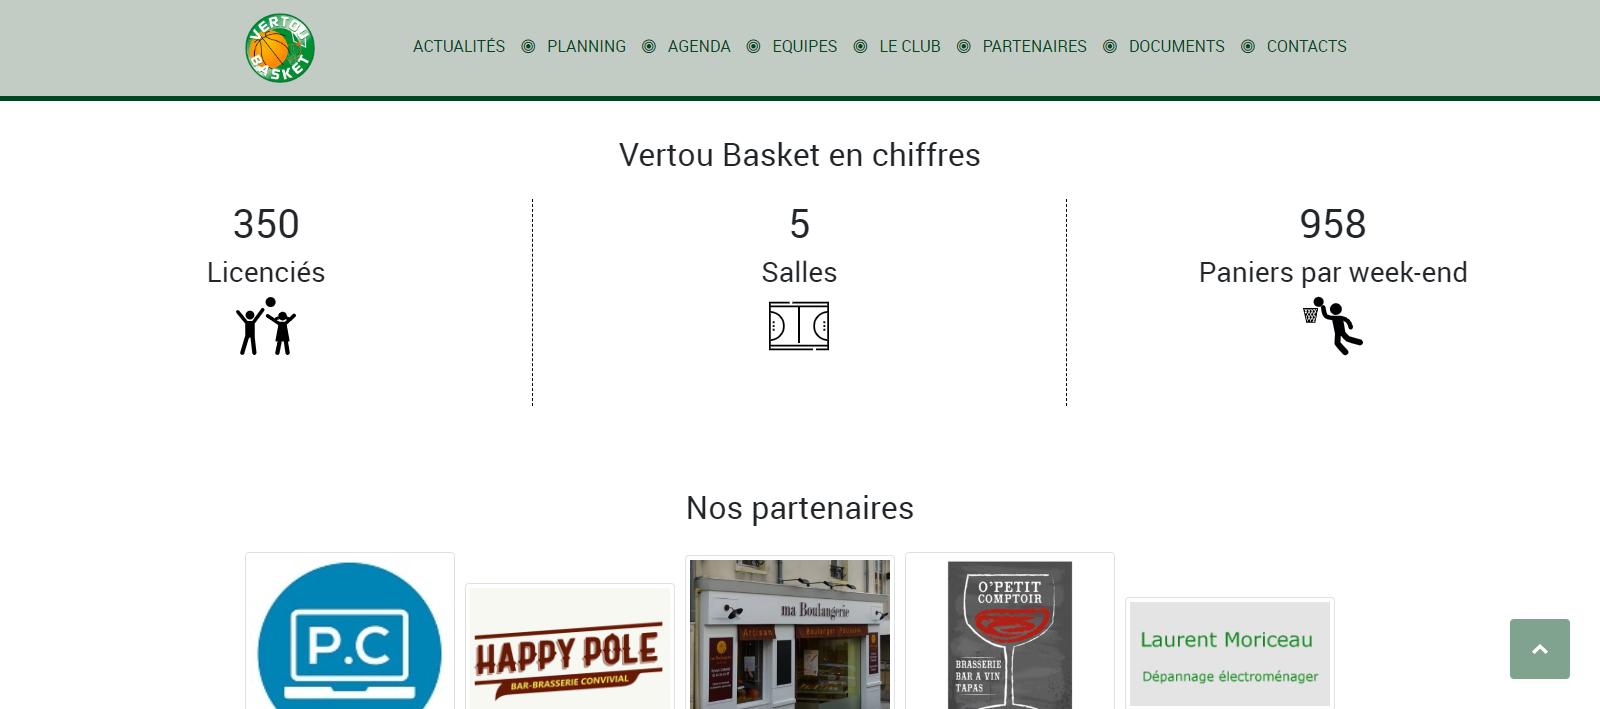 Vertou Basket